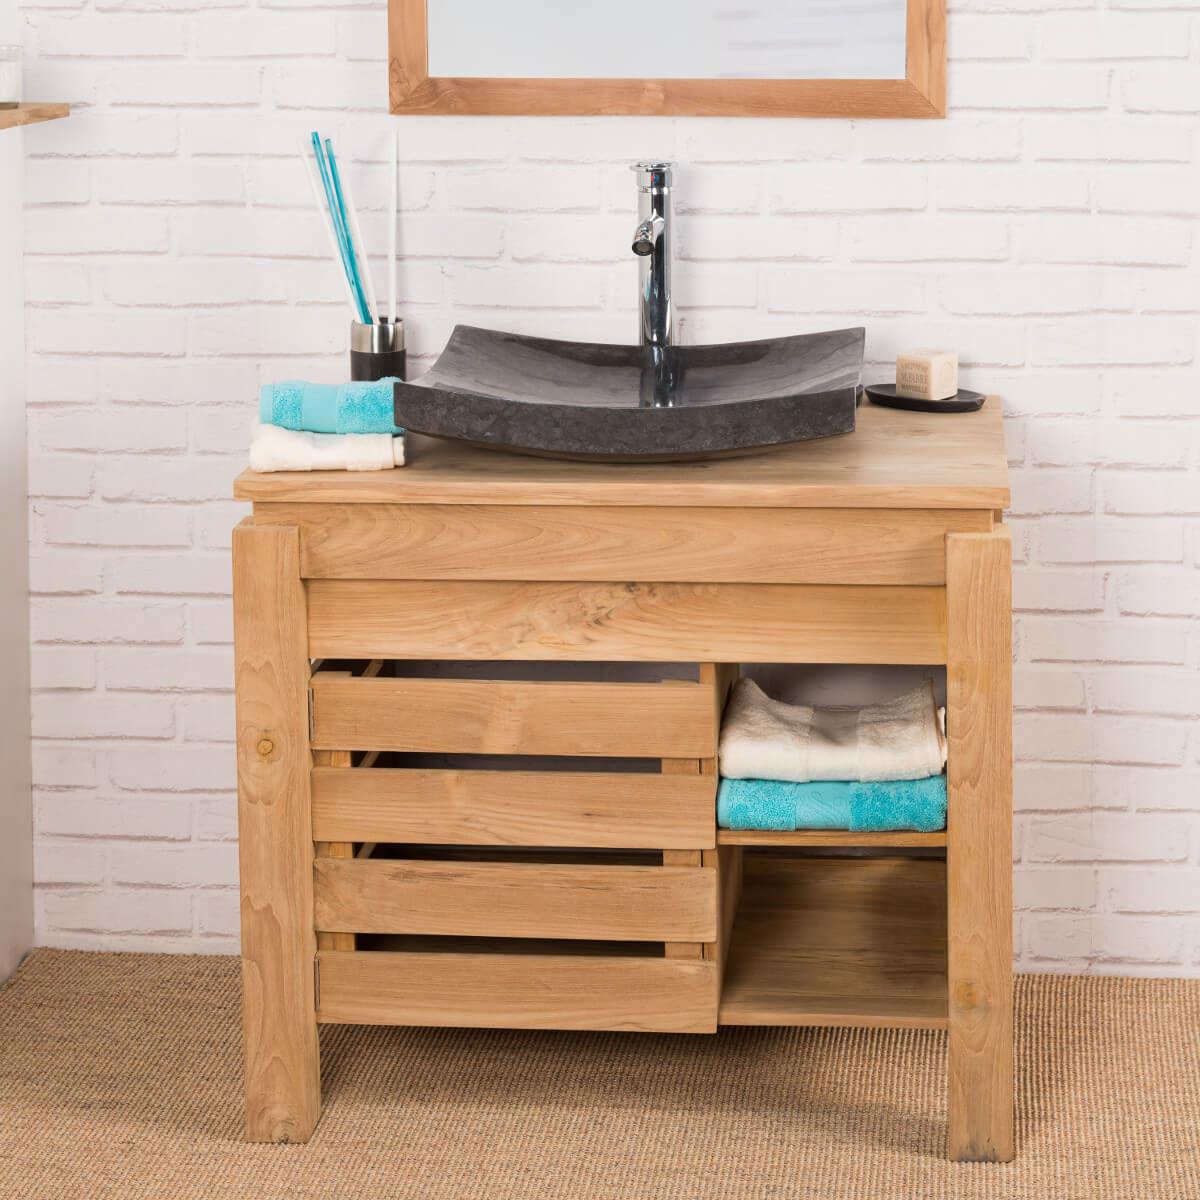 meuble sous vasque simple vasque en bois teck massif zen rectangle naturel l 85 cm. Black Bedroom Furniture Sets. Home Design Ideas